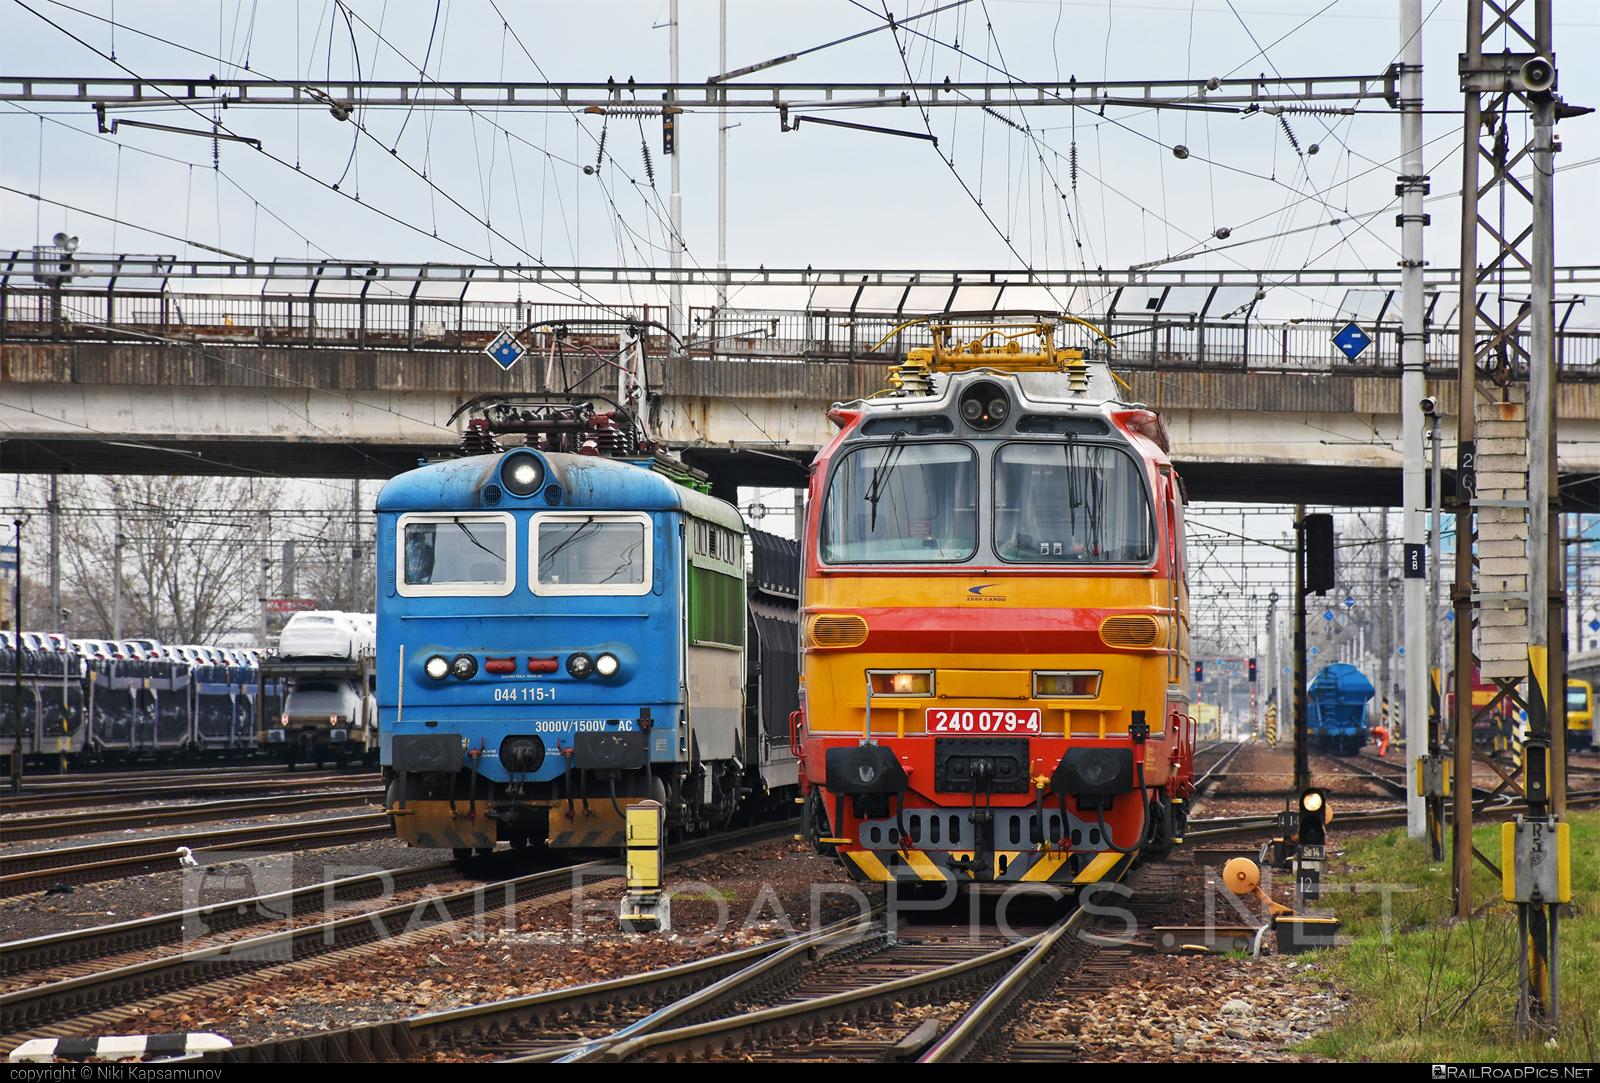 Škoda 47E - 240 079-4 operated by Železničná Spoločnost' Cargo Slovakia a.s. #ZeleznicnaSpolocnostCargoSlovakia #ZeleznicnaSpolocnostSlovensko #laminatka #locomotive240 #skoda #skoda47e #zssk #zsskcargo